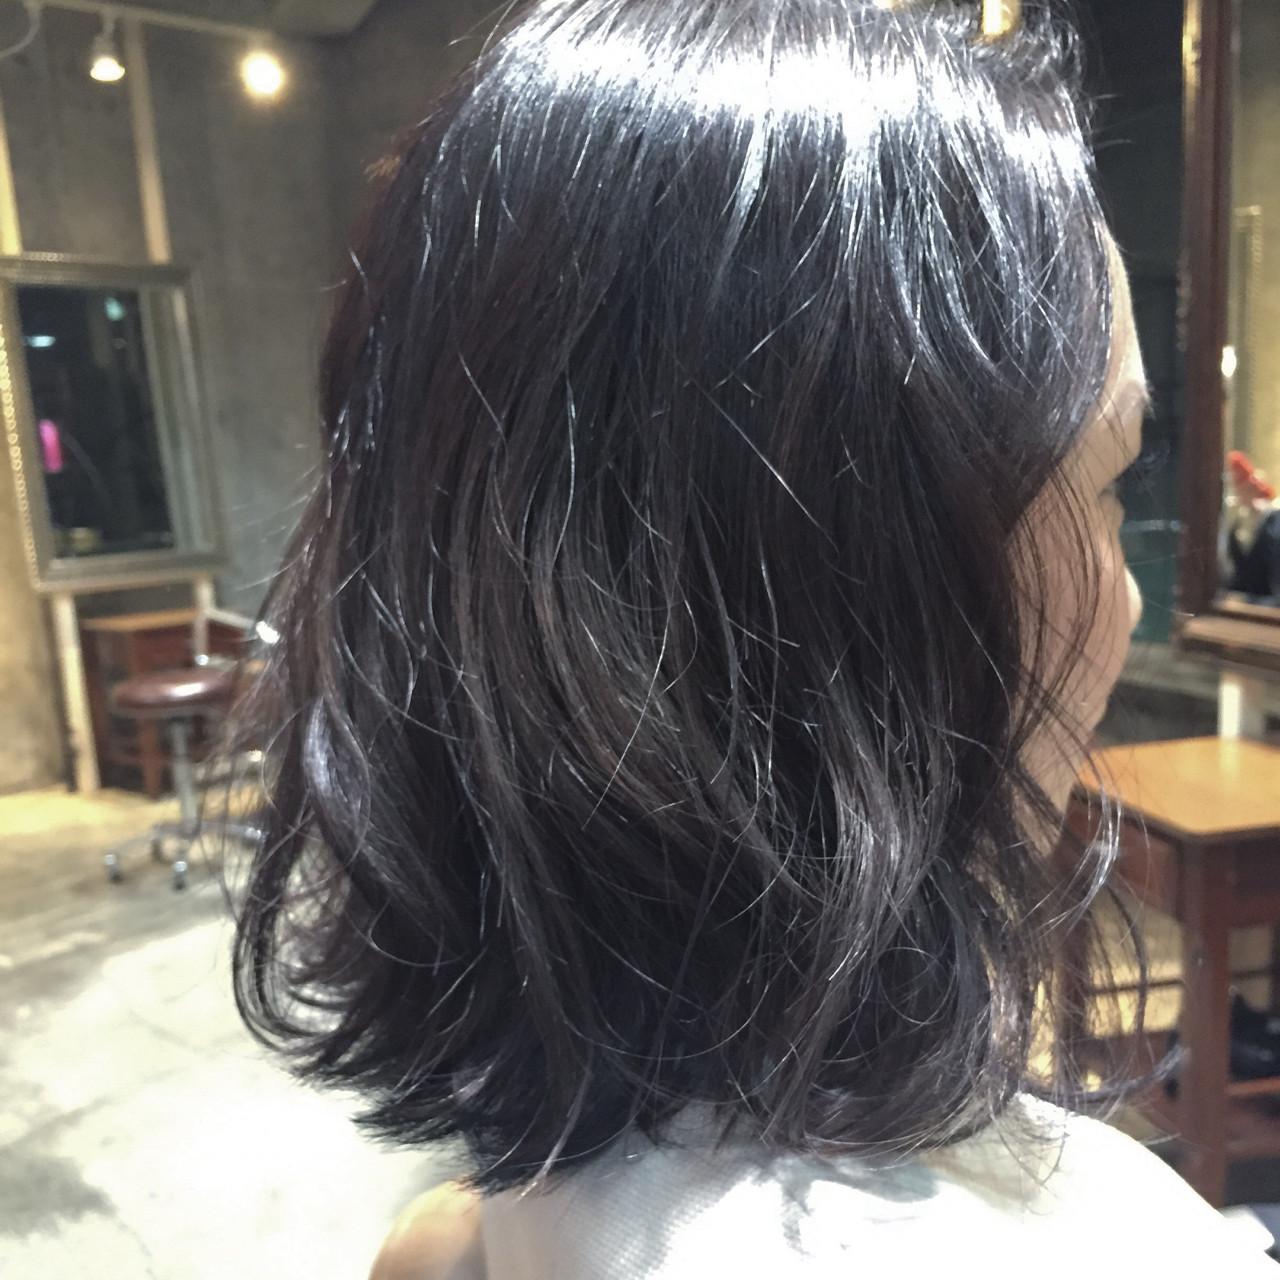 フェミニン 黒髪 アッシュ 大人かわいい ヘアスタイルや髪型の写真・画像 | Go Takahira / salon de Milk原宿